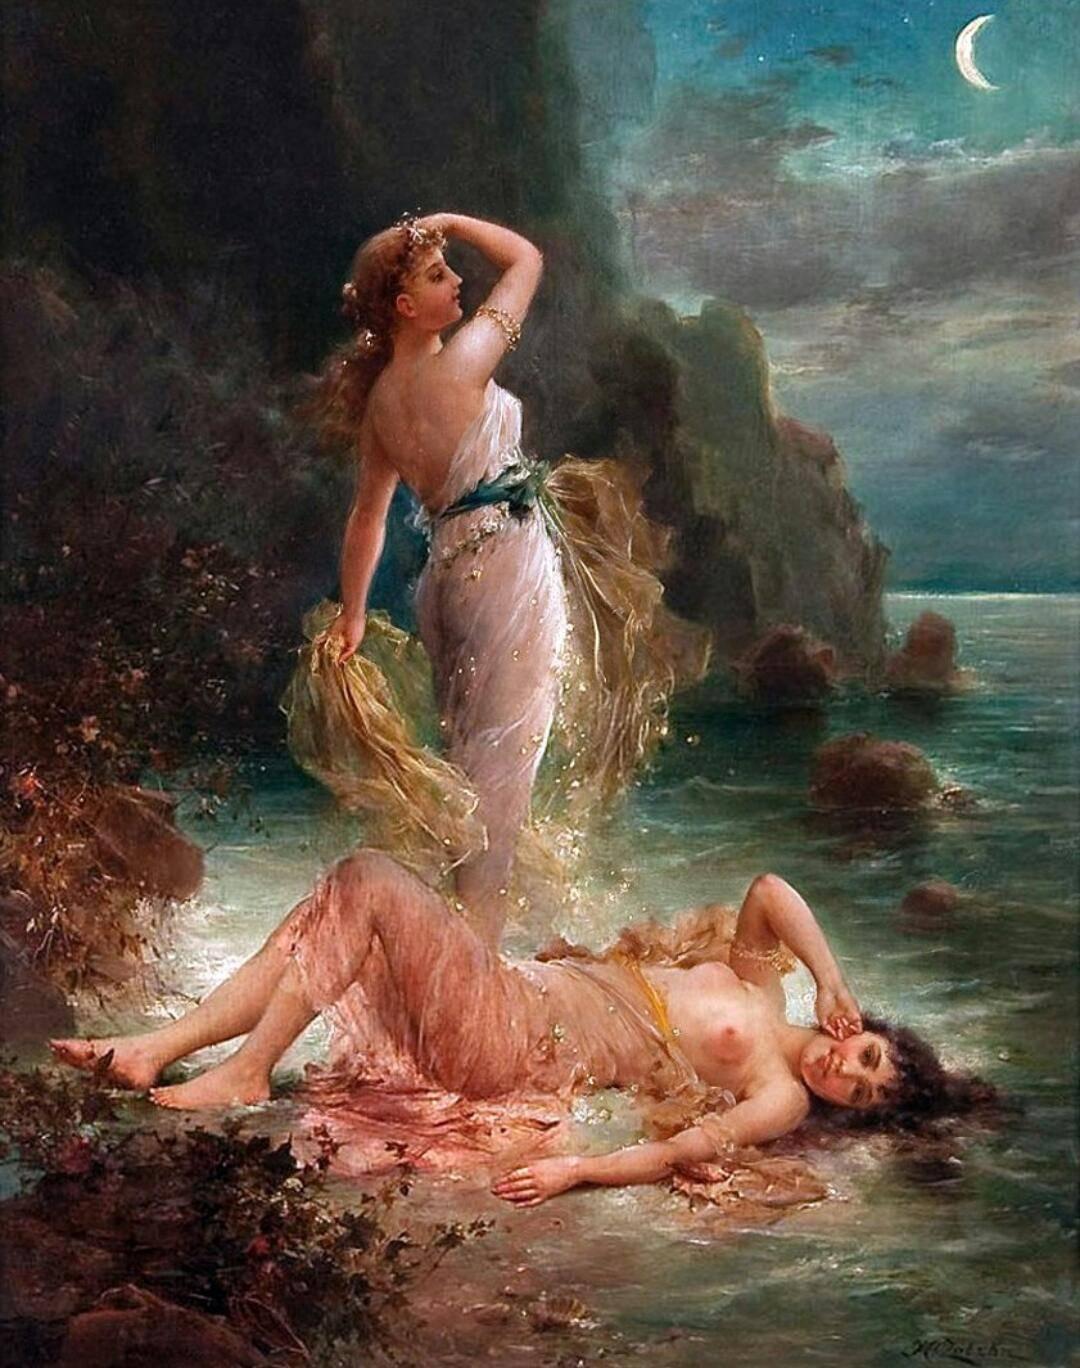 Наяды в мифологии — прекрасные нимфы живущие в водоемах